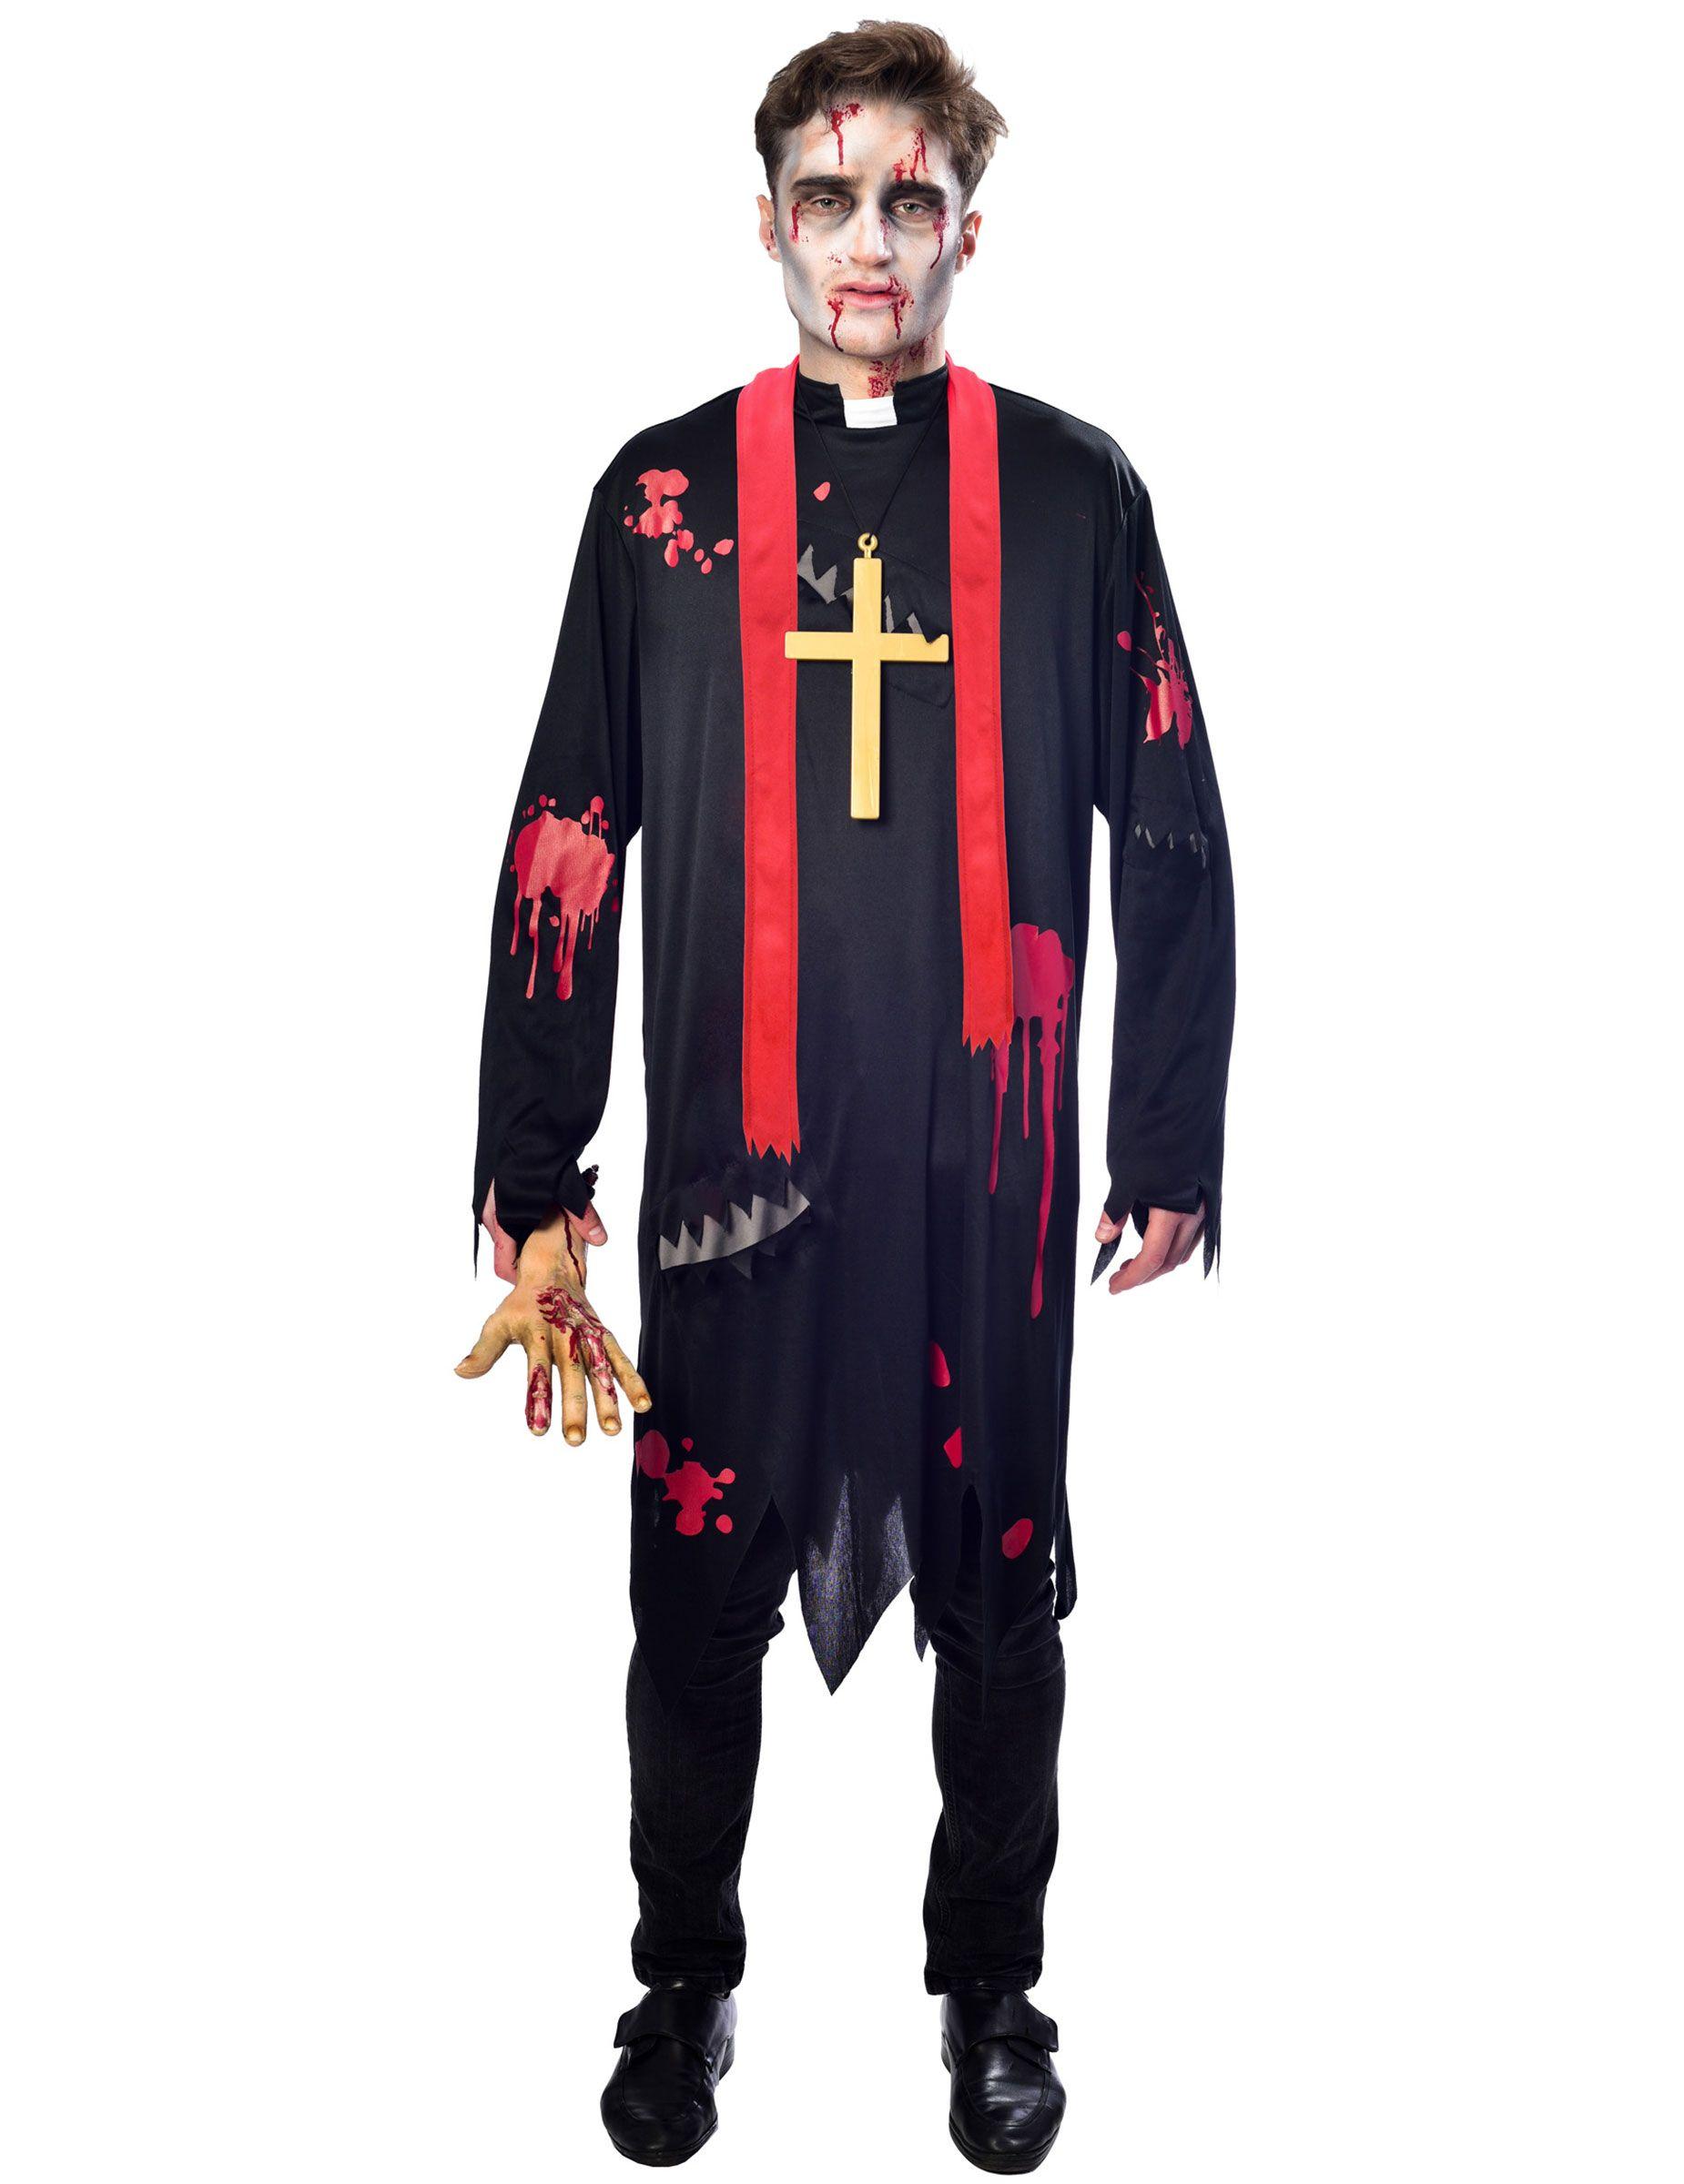 Costume da prete zombie per uomo  Questo travestimento da prete zombie per  uomo comprende una 933b20fe25c